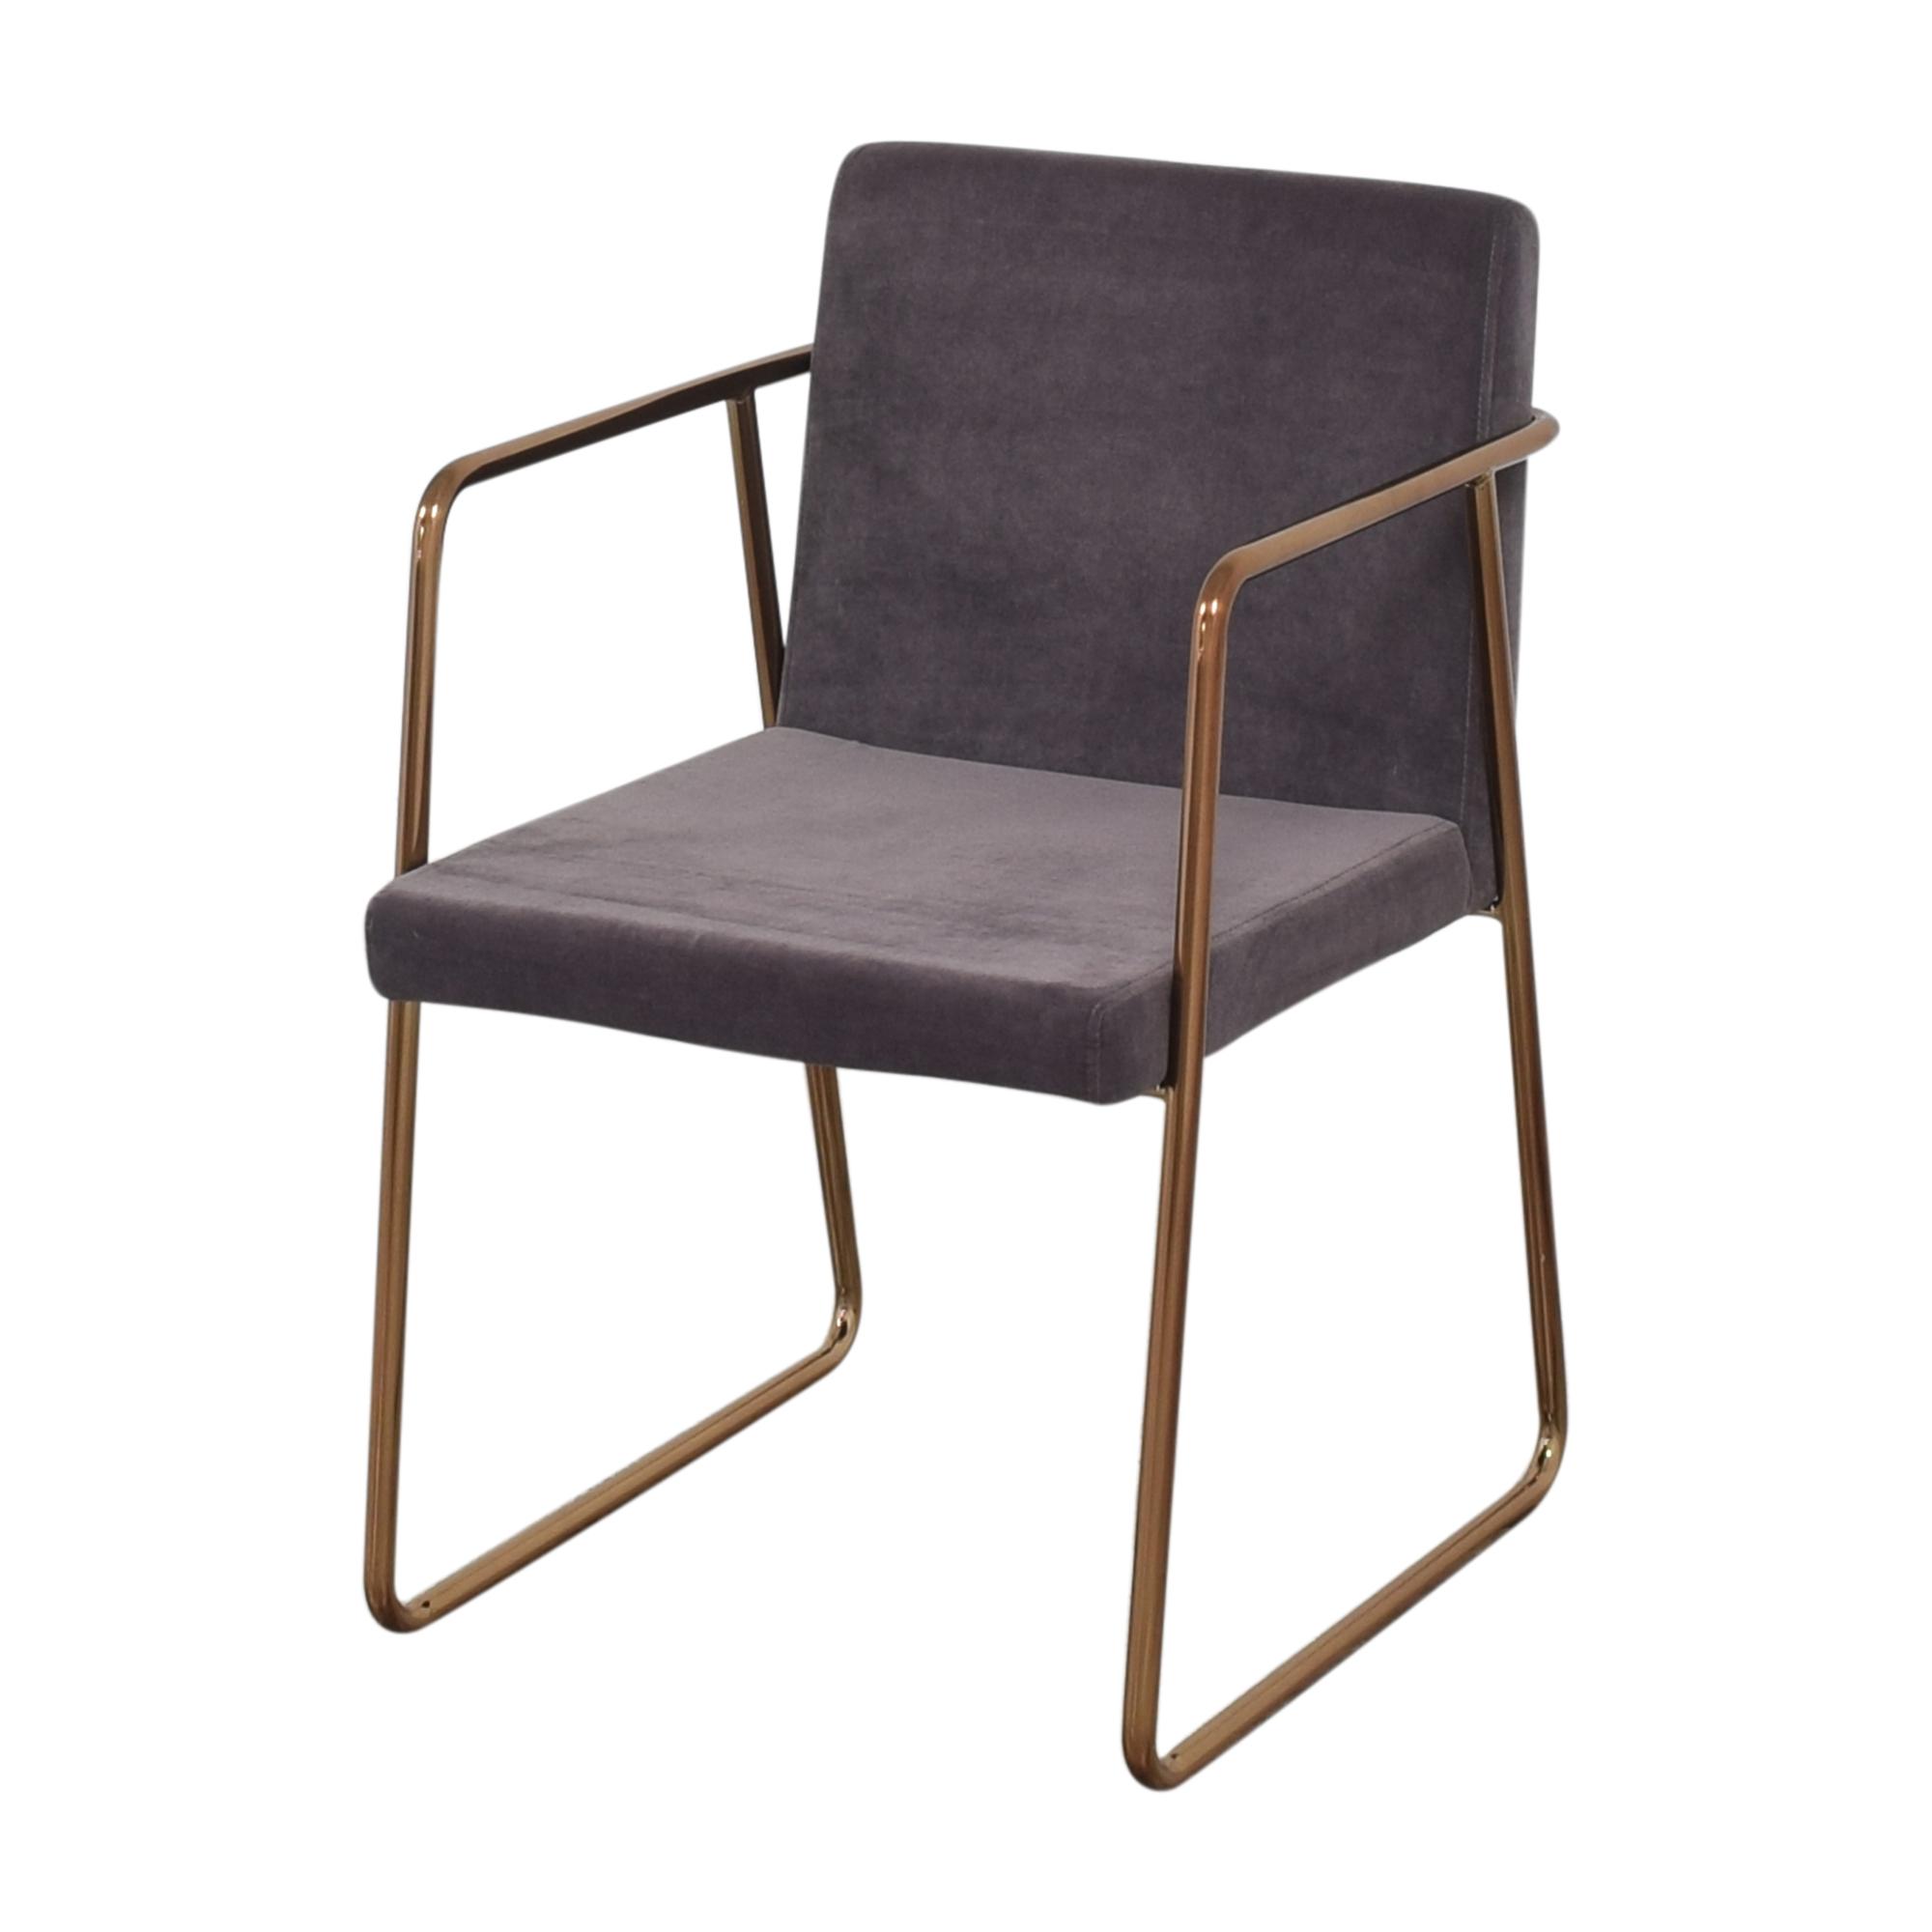 CB2 CB2 Rouka Chairs nyc